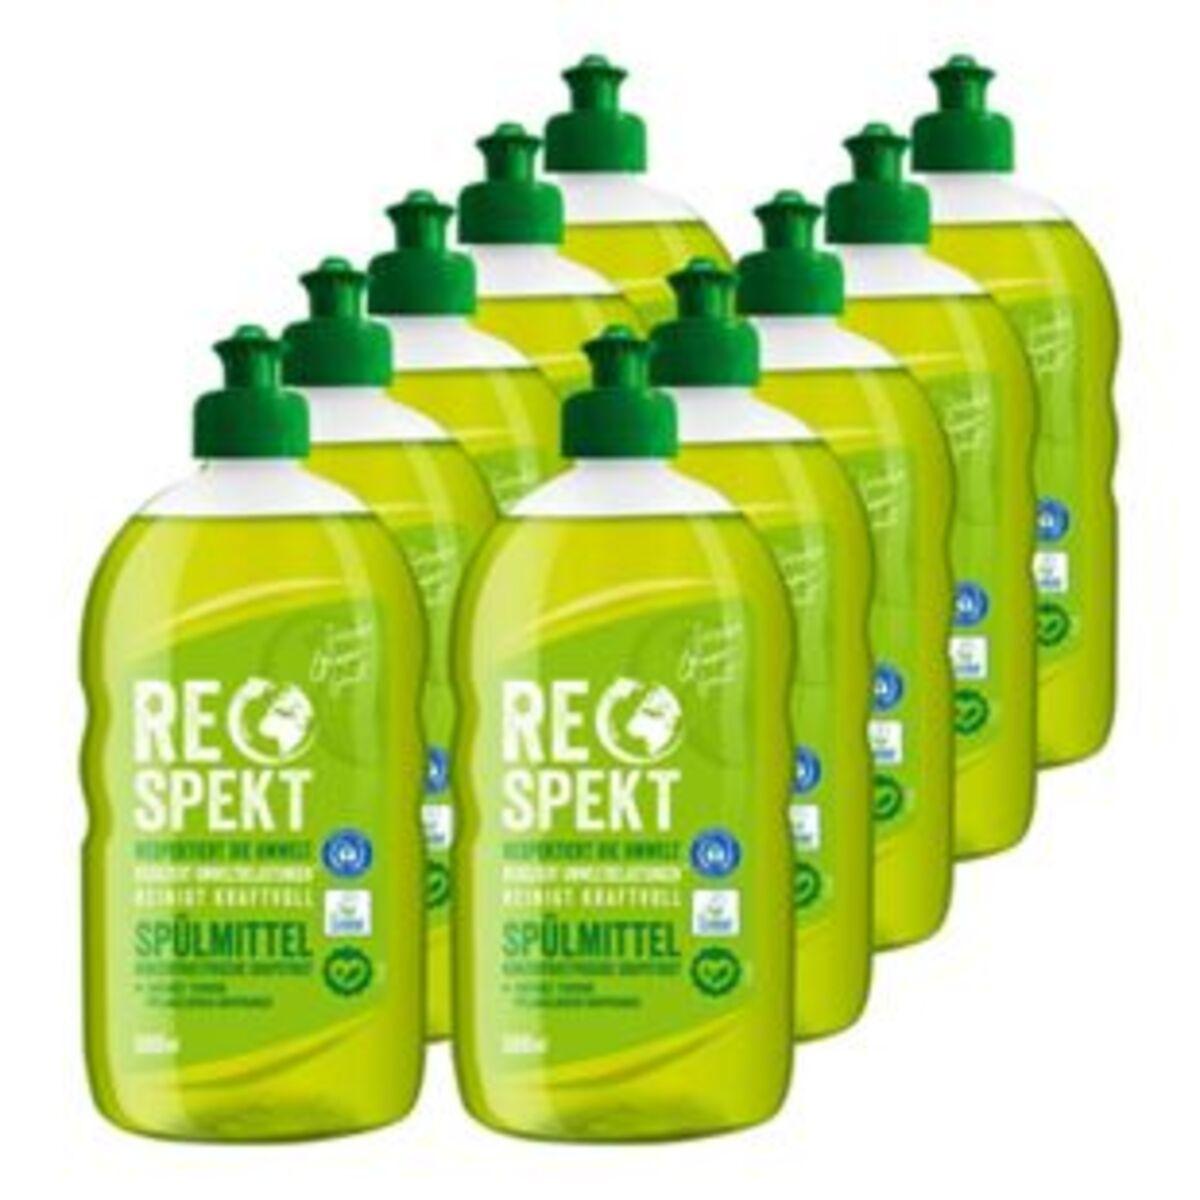 Bild 2 von Respekt Spülmittel Konzentrat 500 ml, 10er Pack